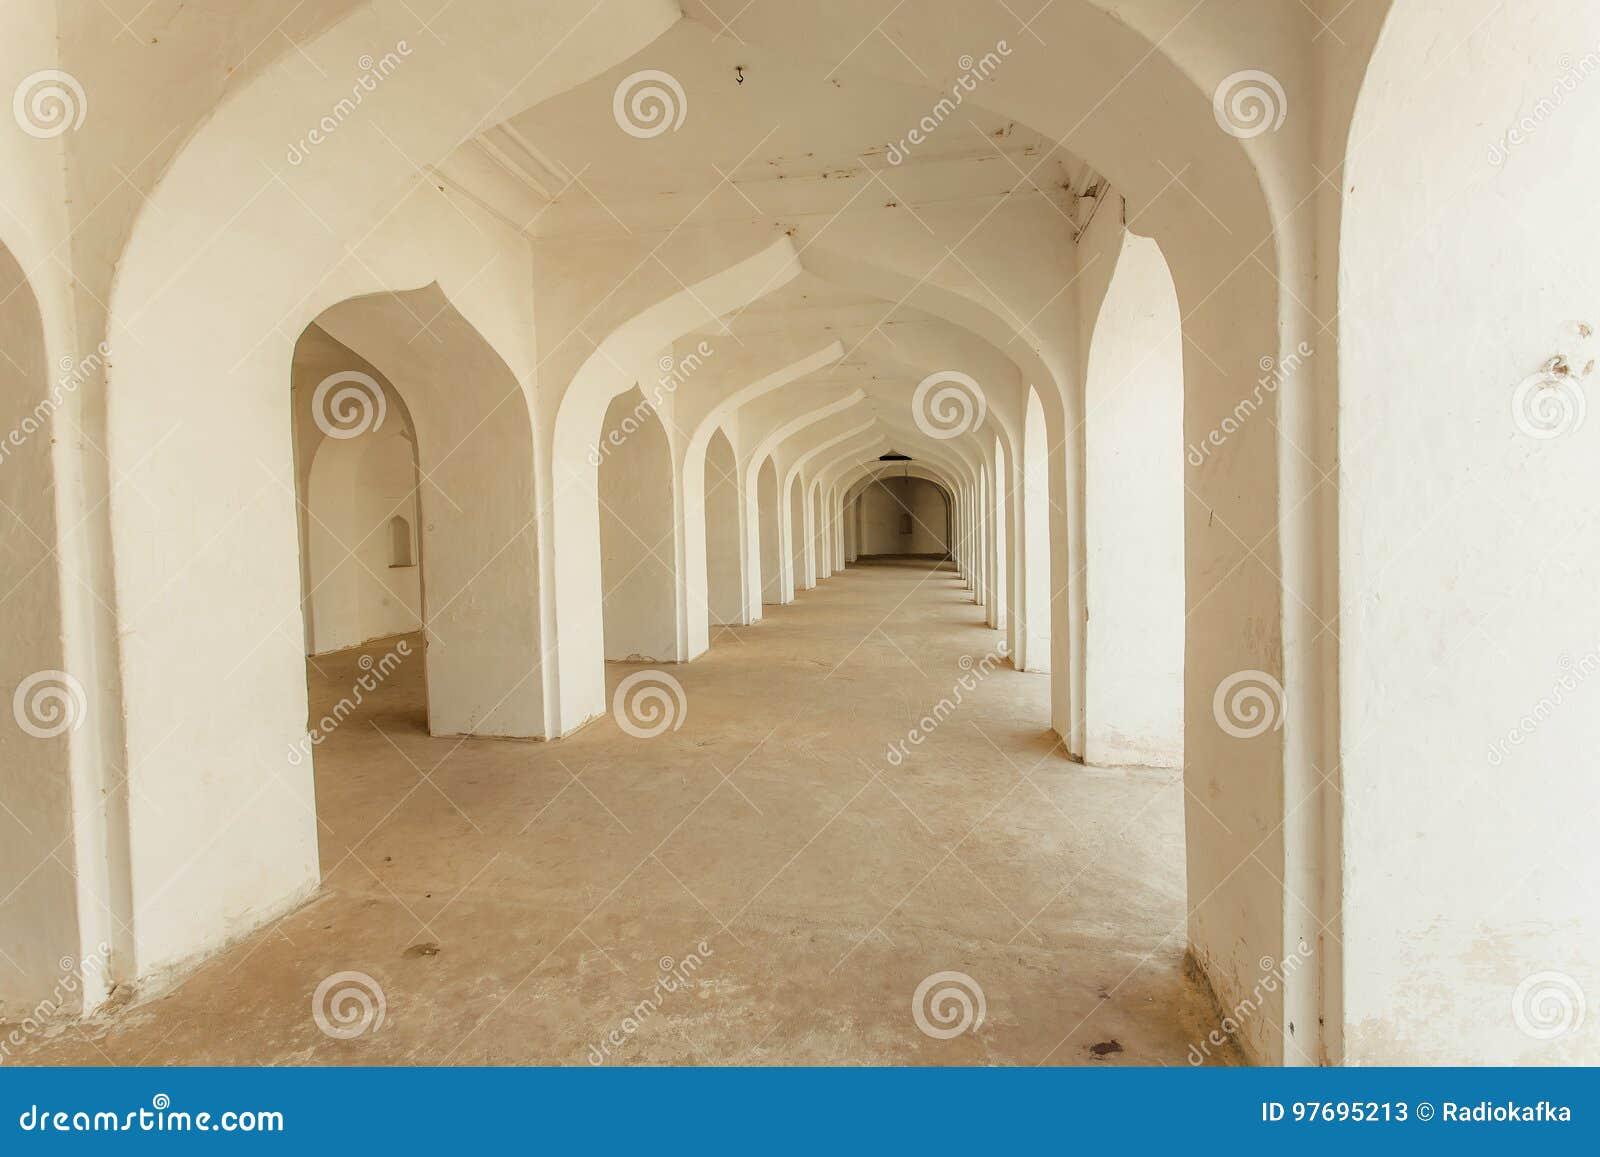 Corridoio Lungo Casa : Arché bianchi in casa indiana con il corridoio lungo dentro